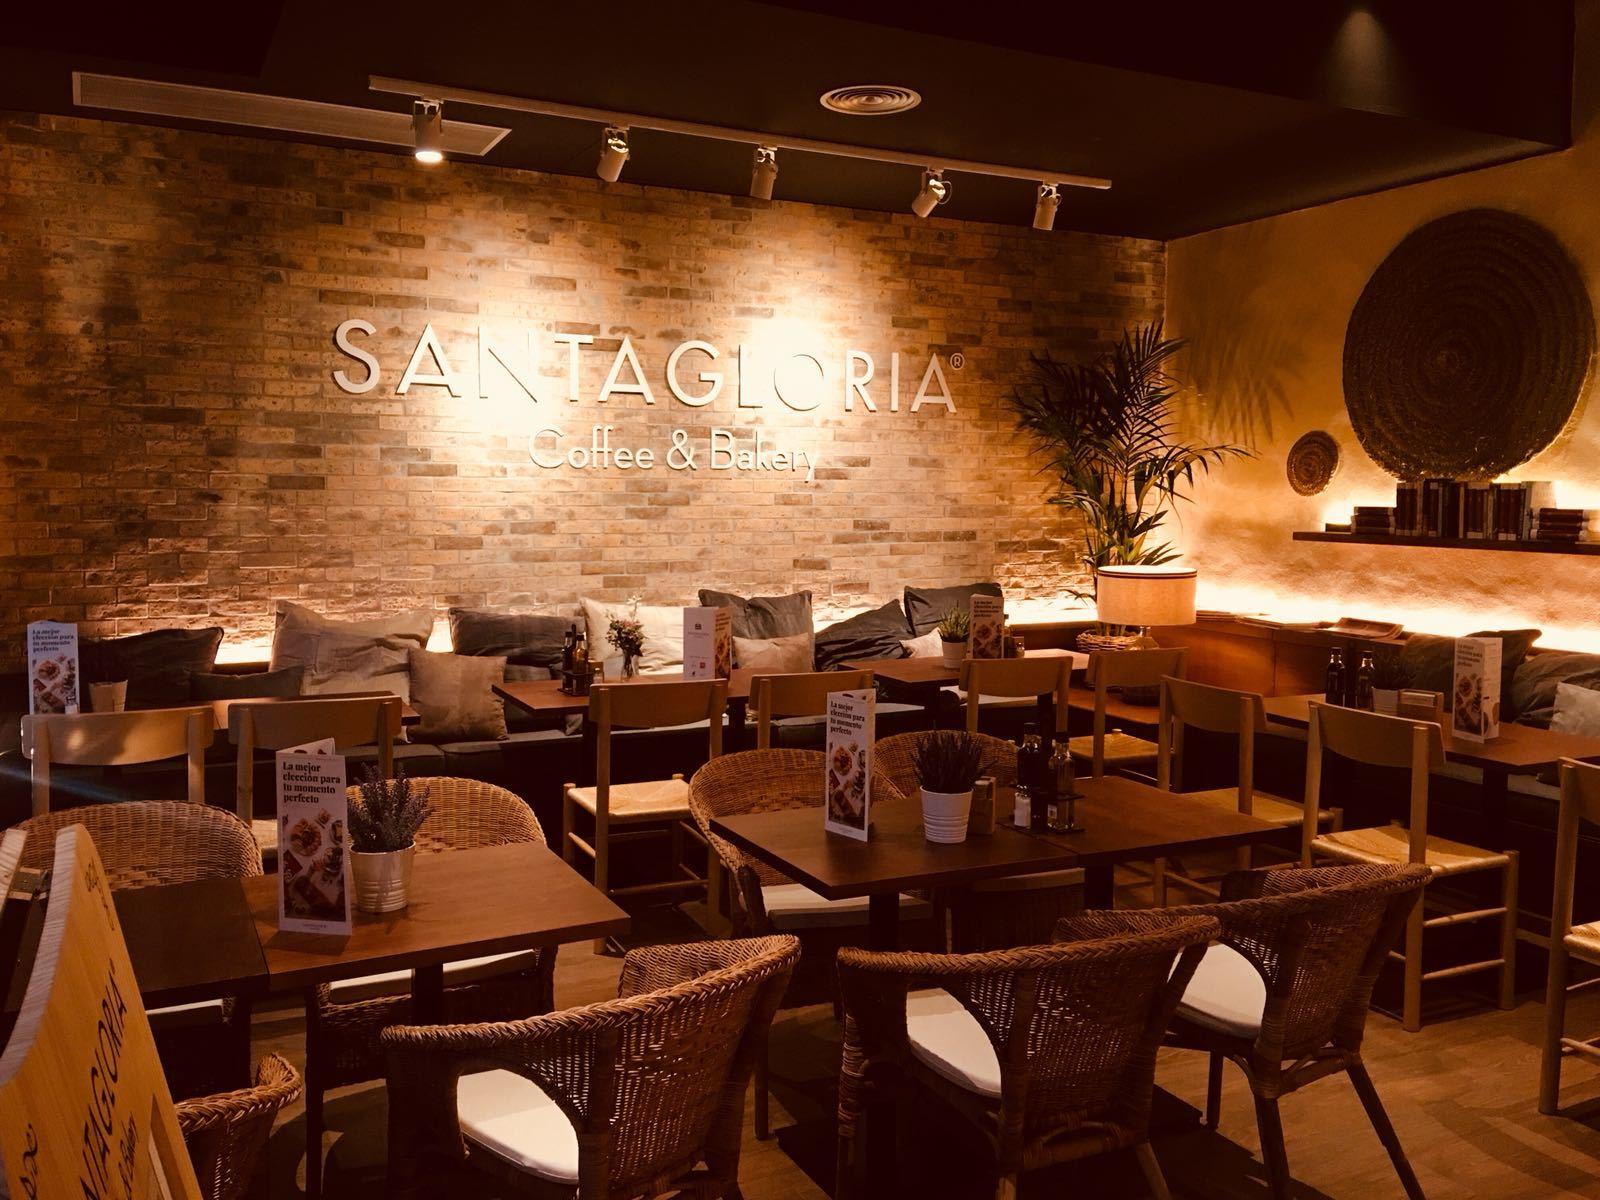 Detalle del nuevo espacio Santagloria.